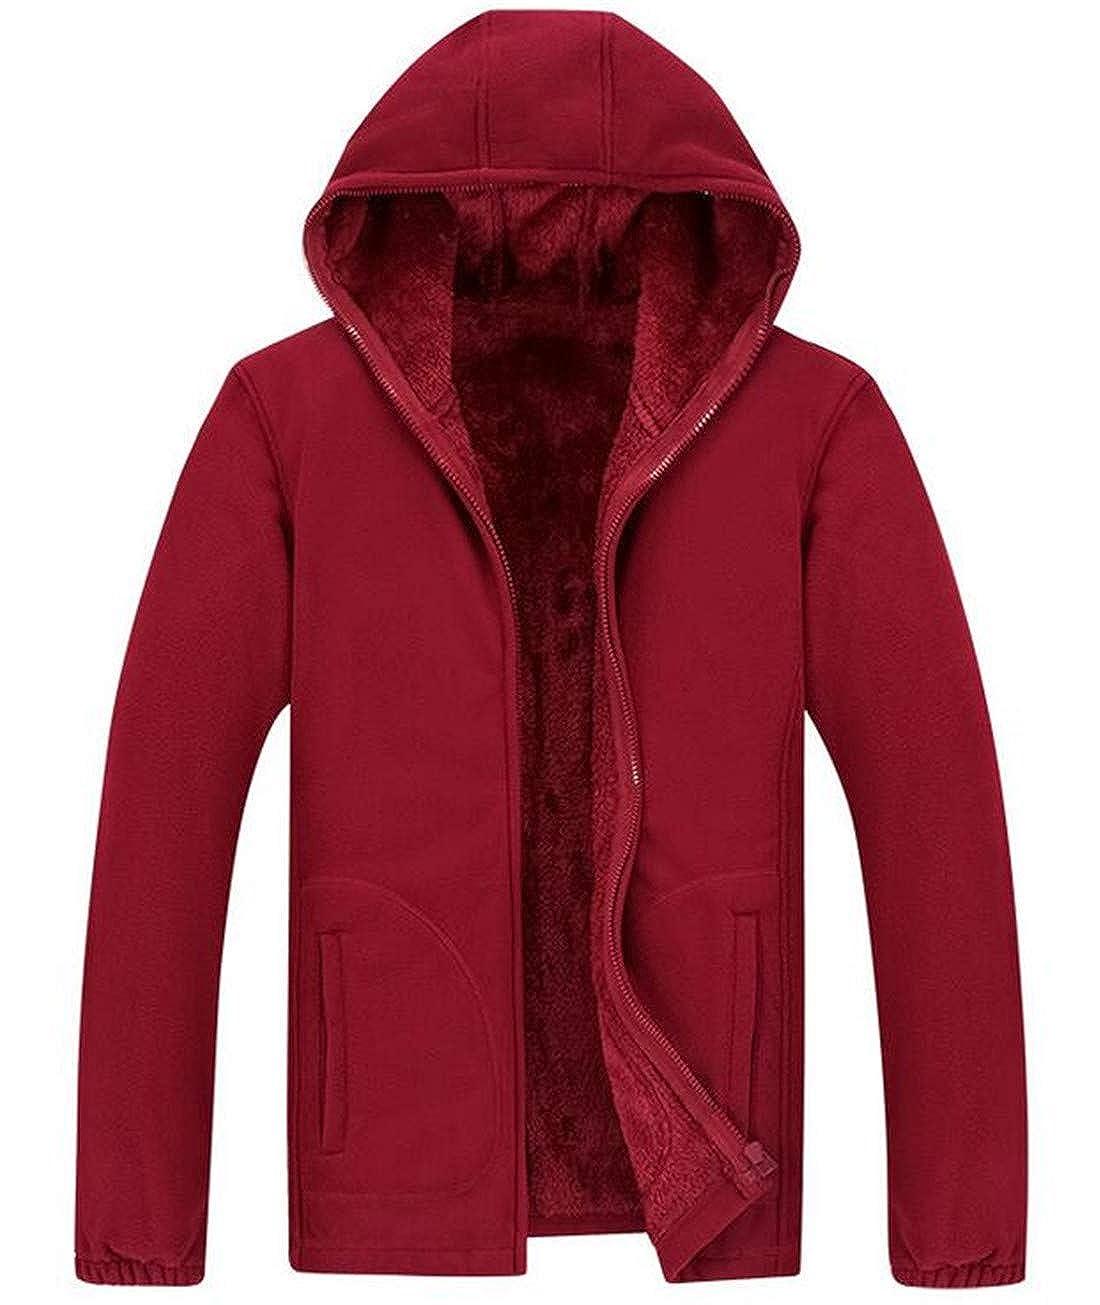 Nanquan Men Coat Hoodie Outwear Zip Front Warm Fleece Lined Sweatshirt